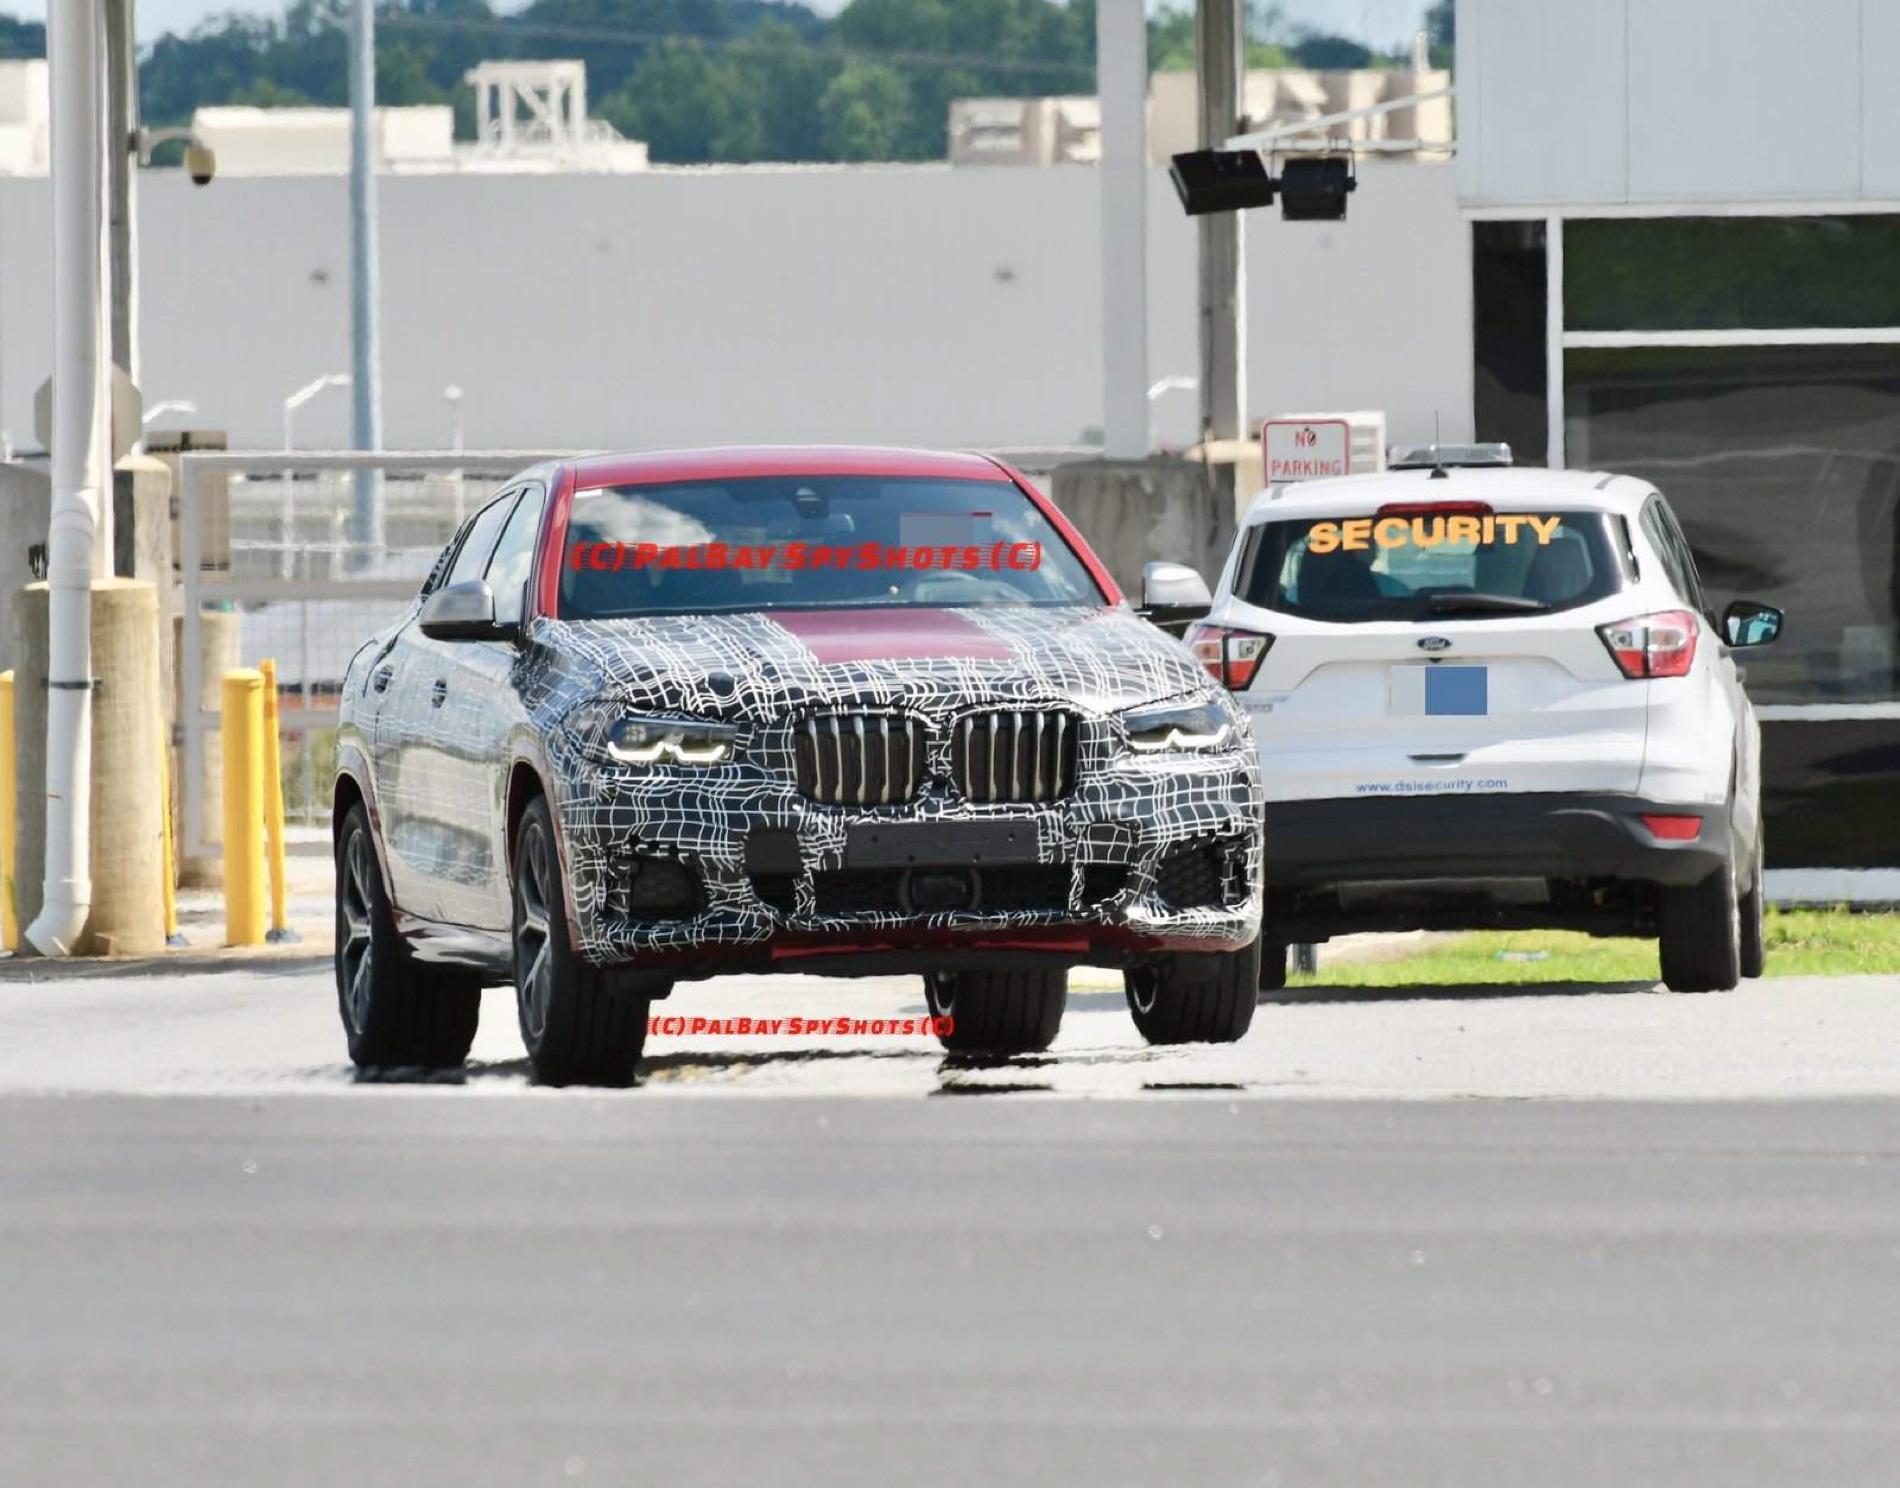 BMW G06 X6 spy shots 07